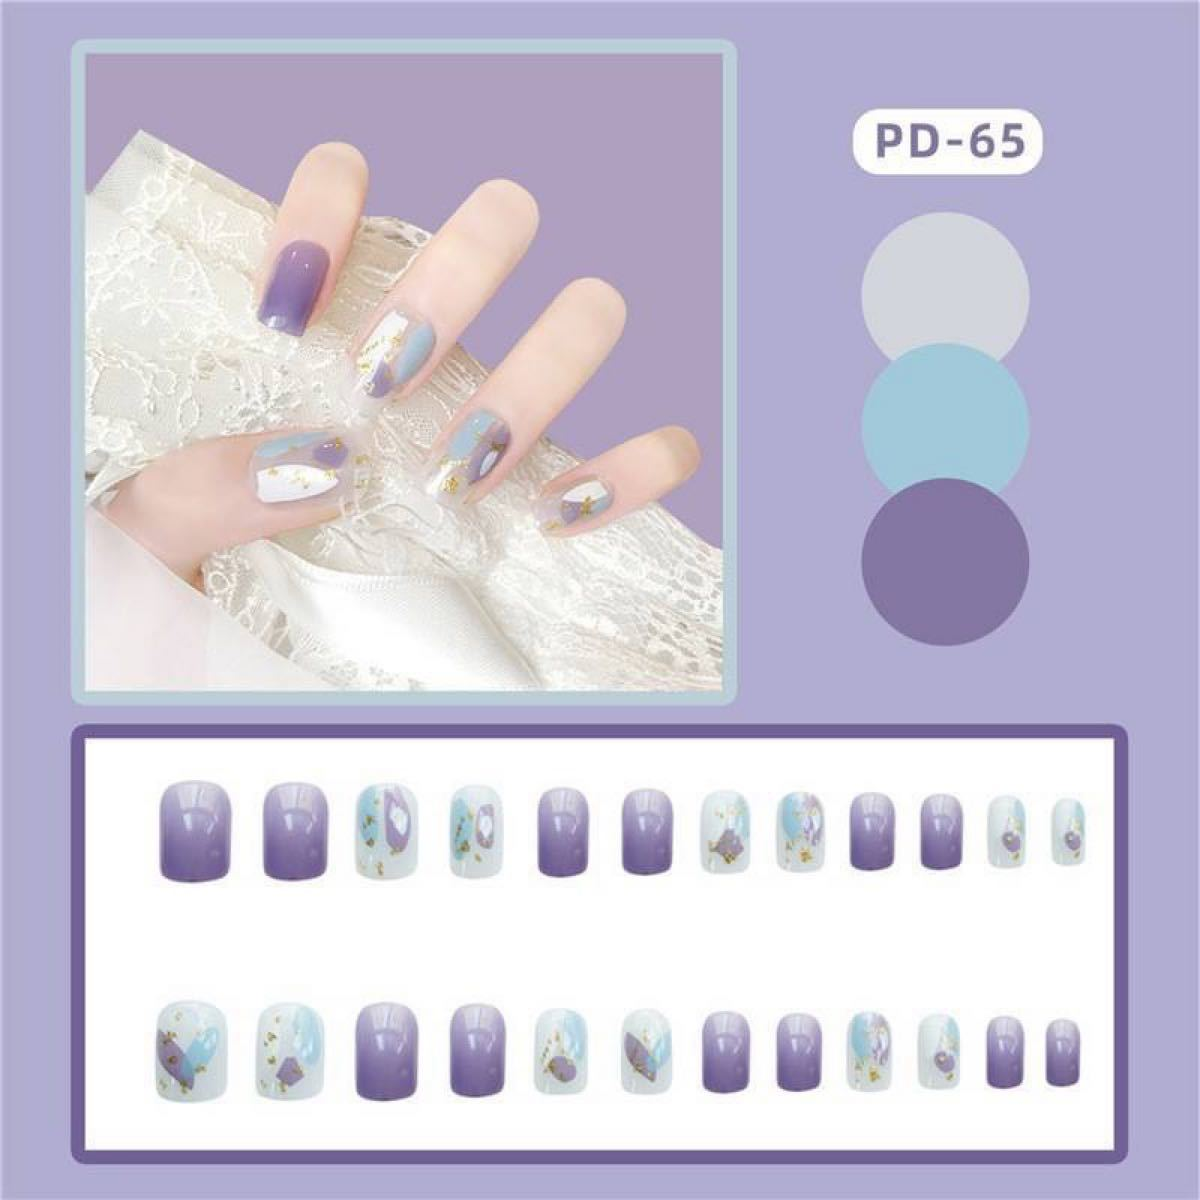 ネイルチップ ジェルネイル パープル 紫 ラメ 韓国ネイル 量産型